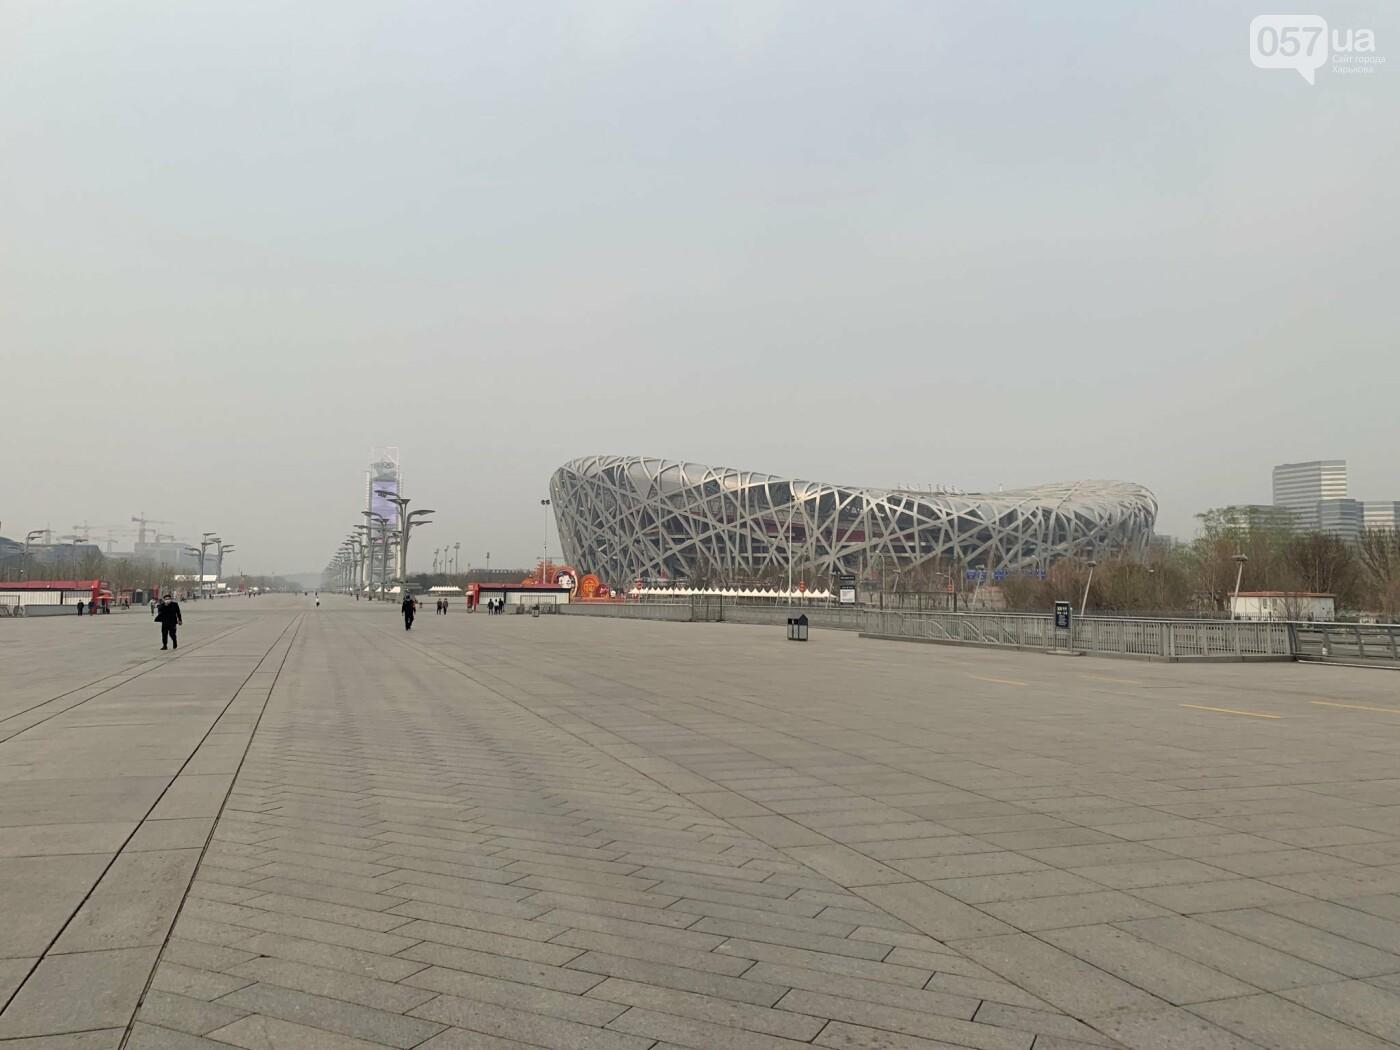 Это олимпийский спорт центр. Очень людное место, но сейчас почти никто не гуляет